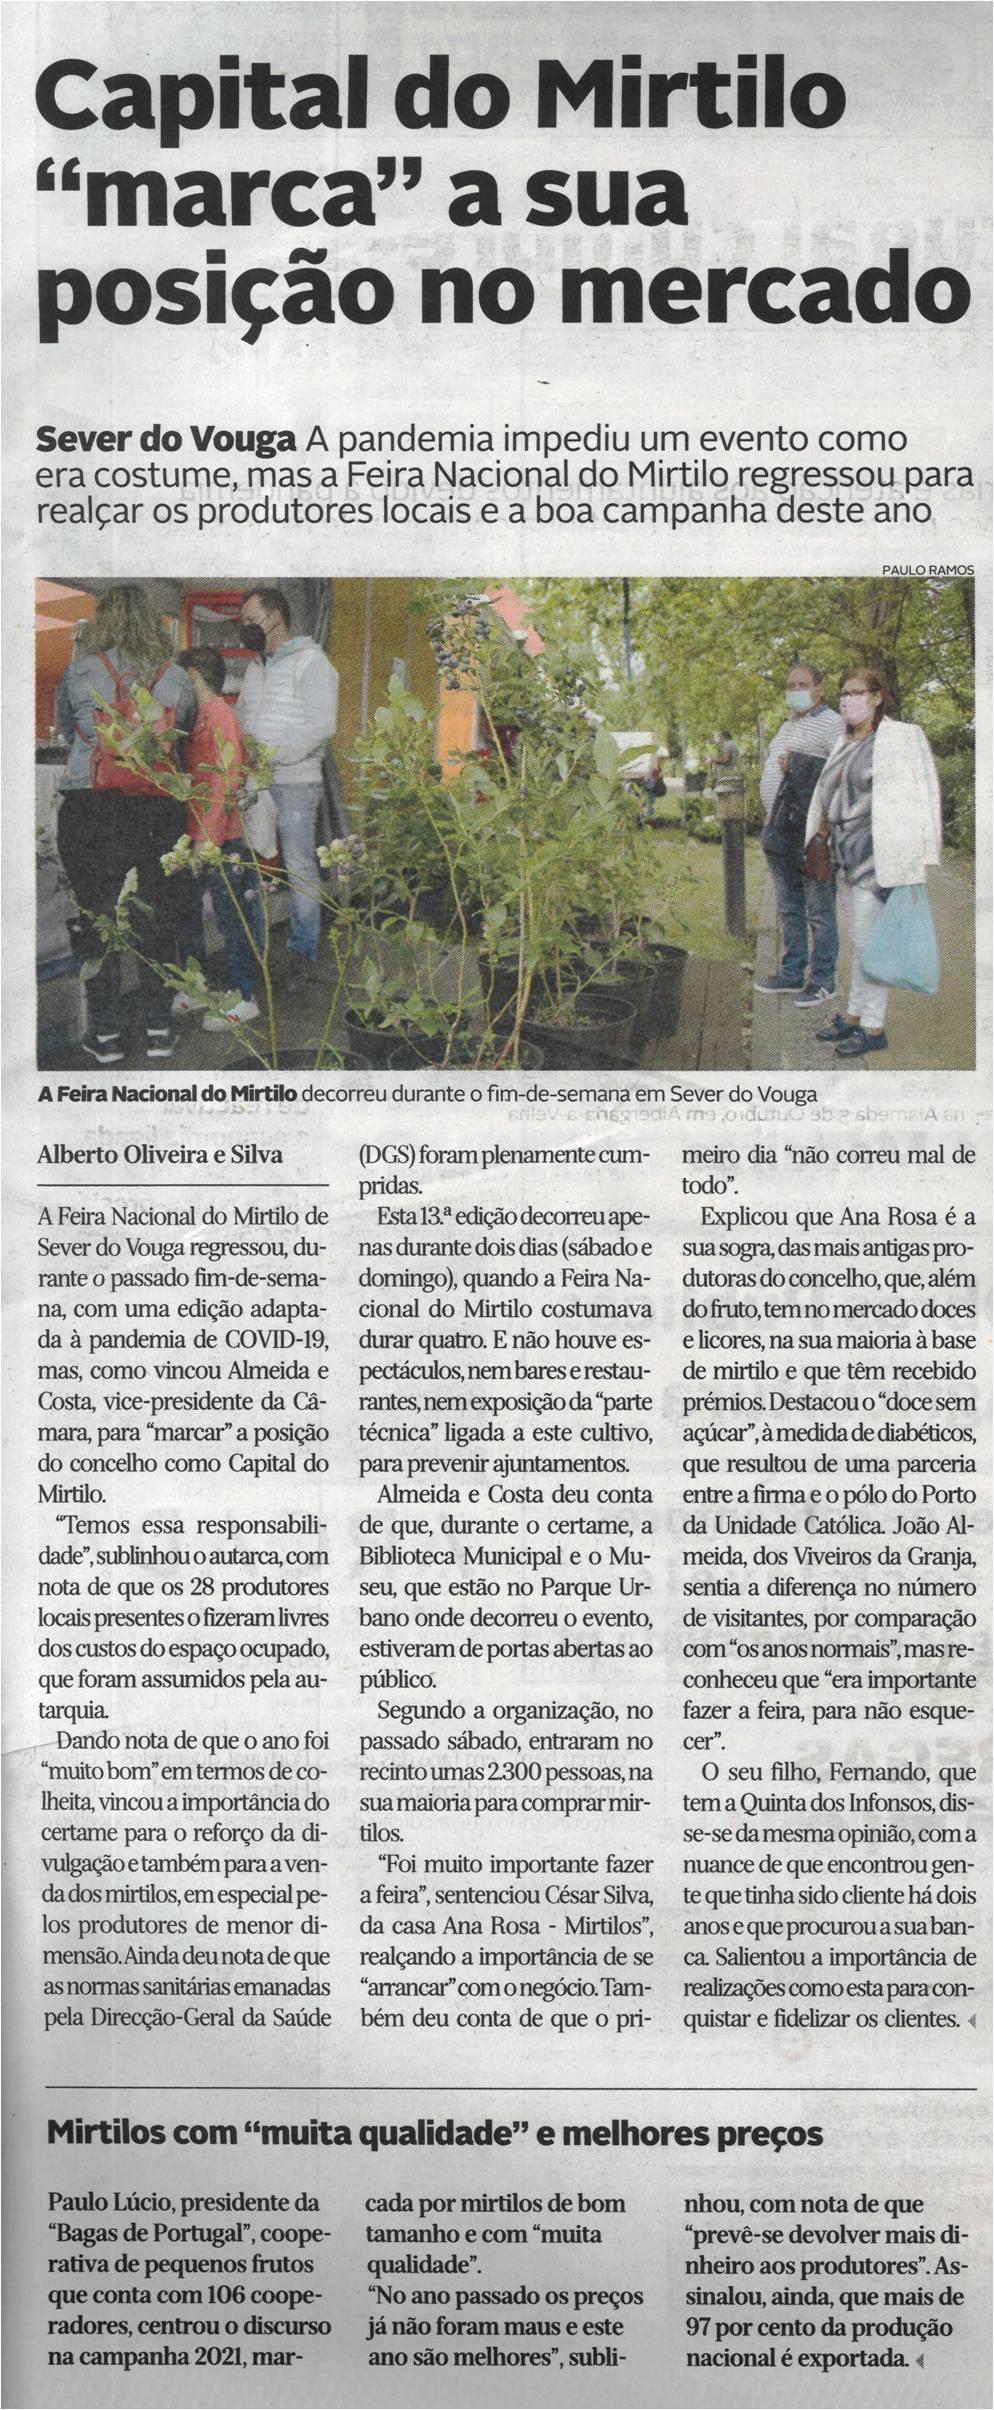 DA-28jun.'21-p.11-Sever do Vouga : Capital do Mirtilo marca a sua posição no mercado.jpg